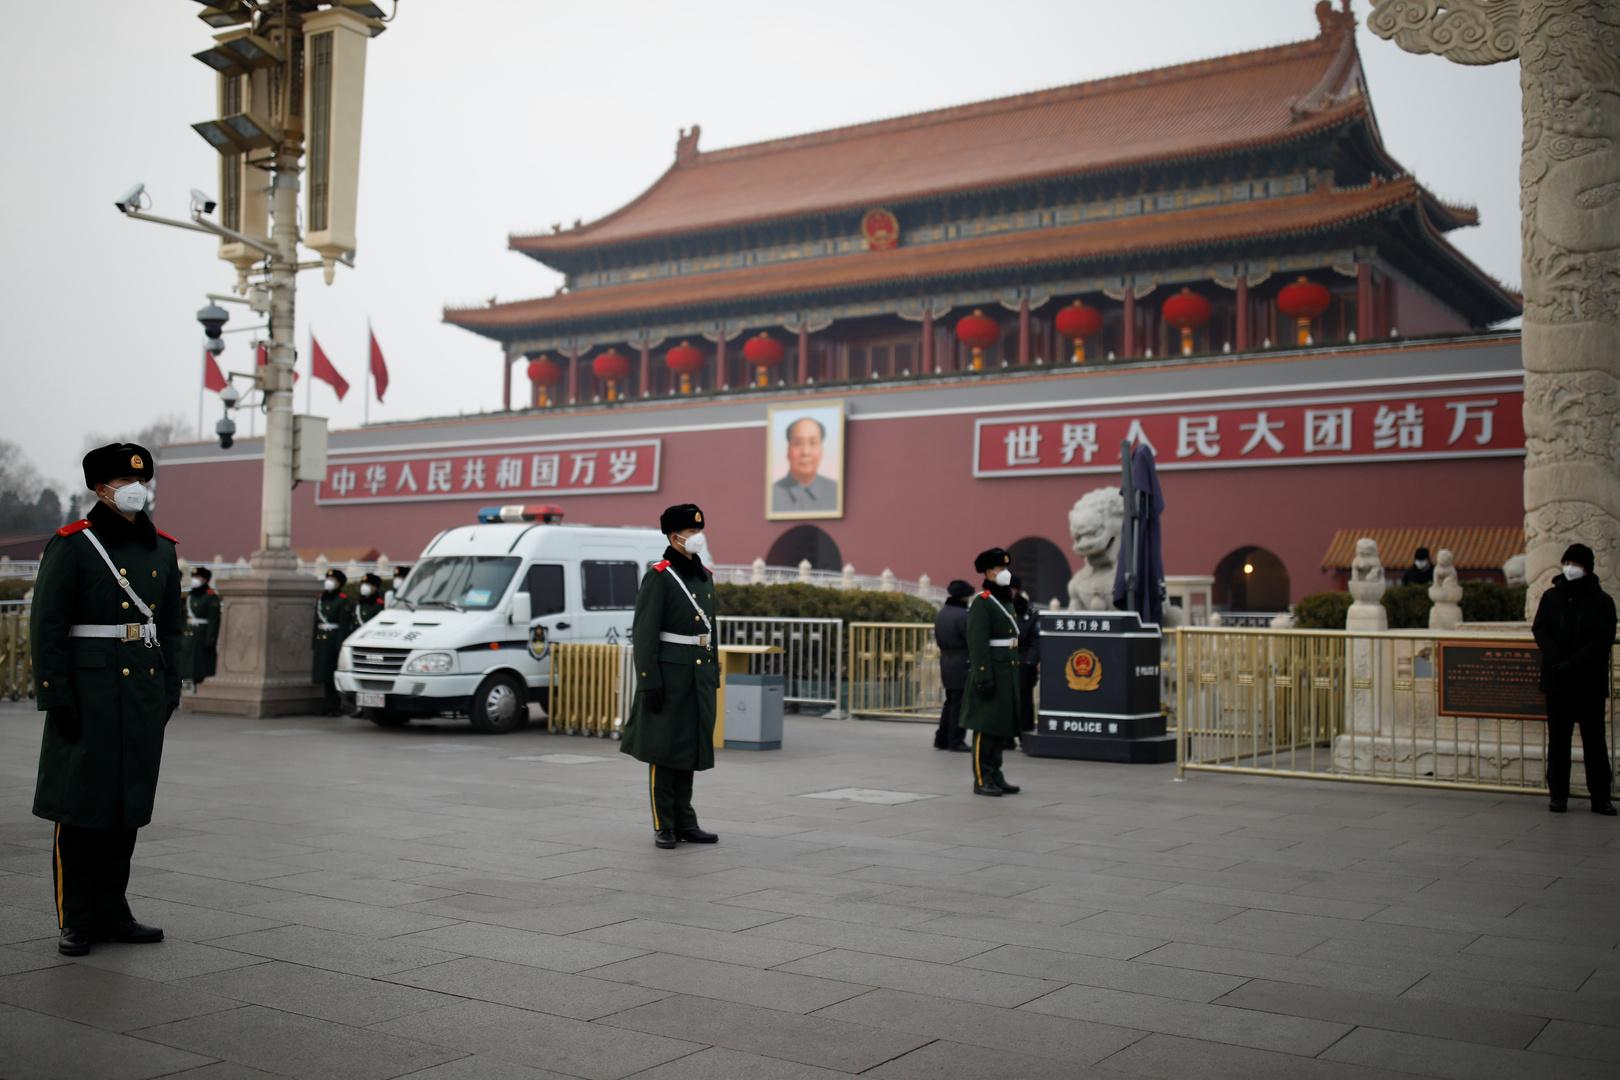 بوابة تيانانمن في بكين